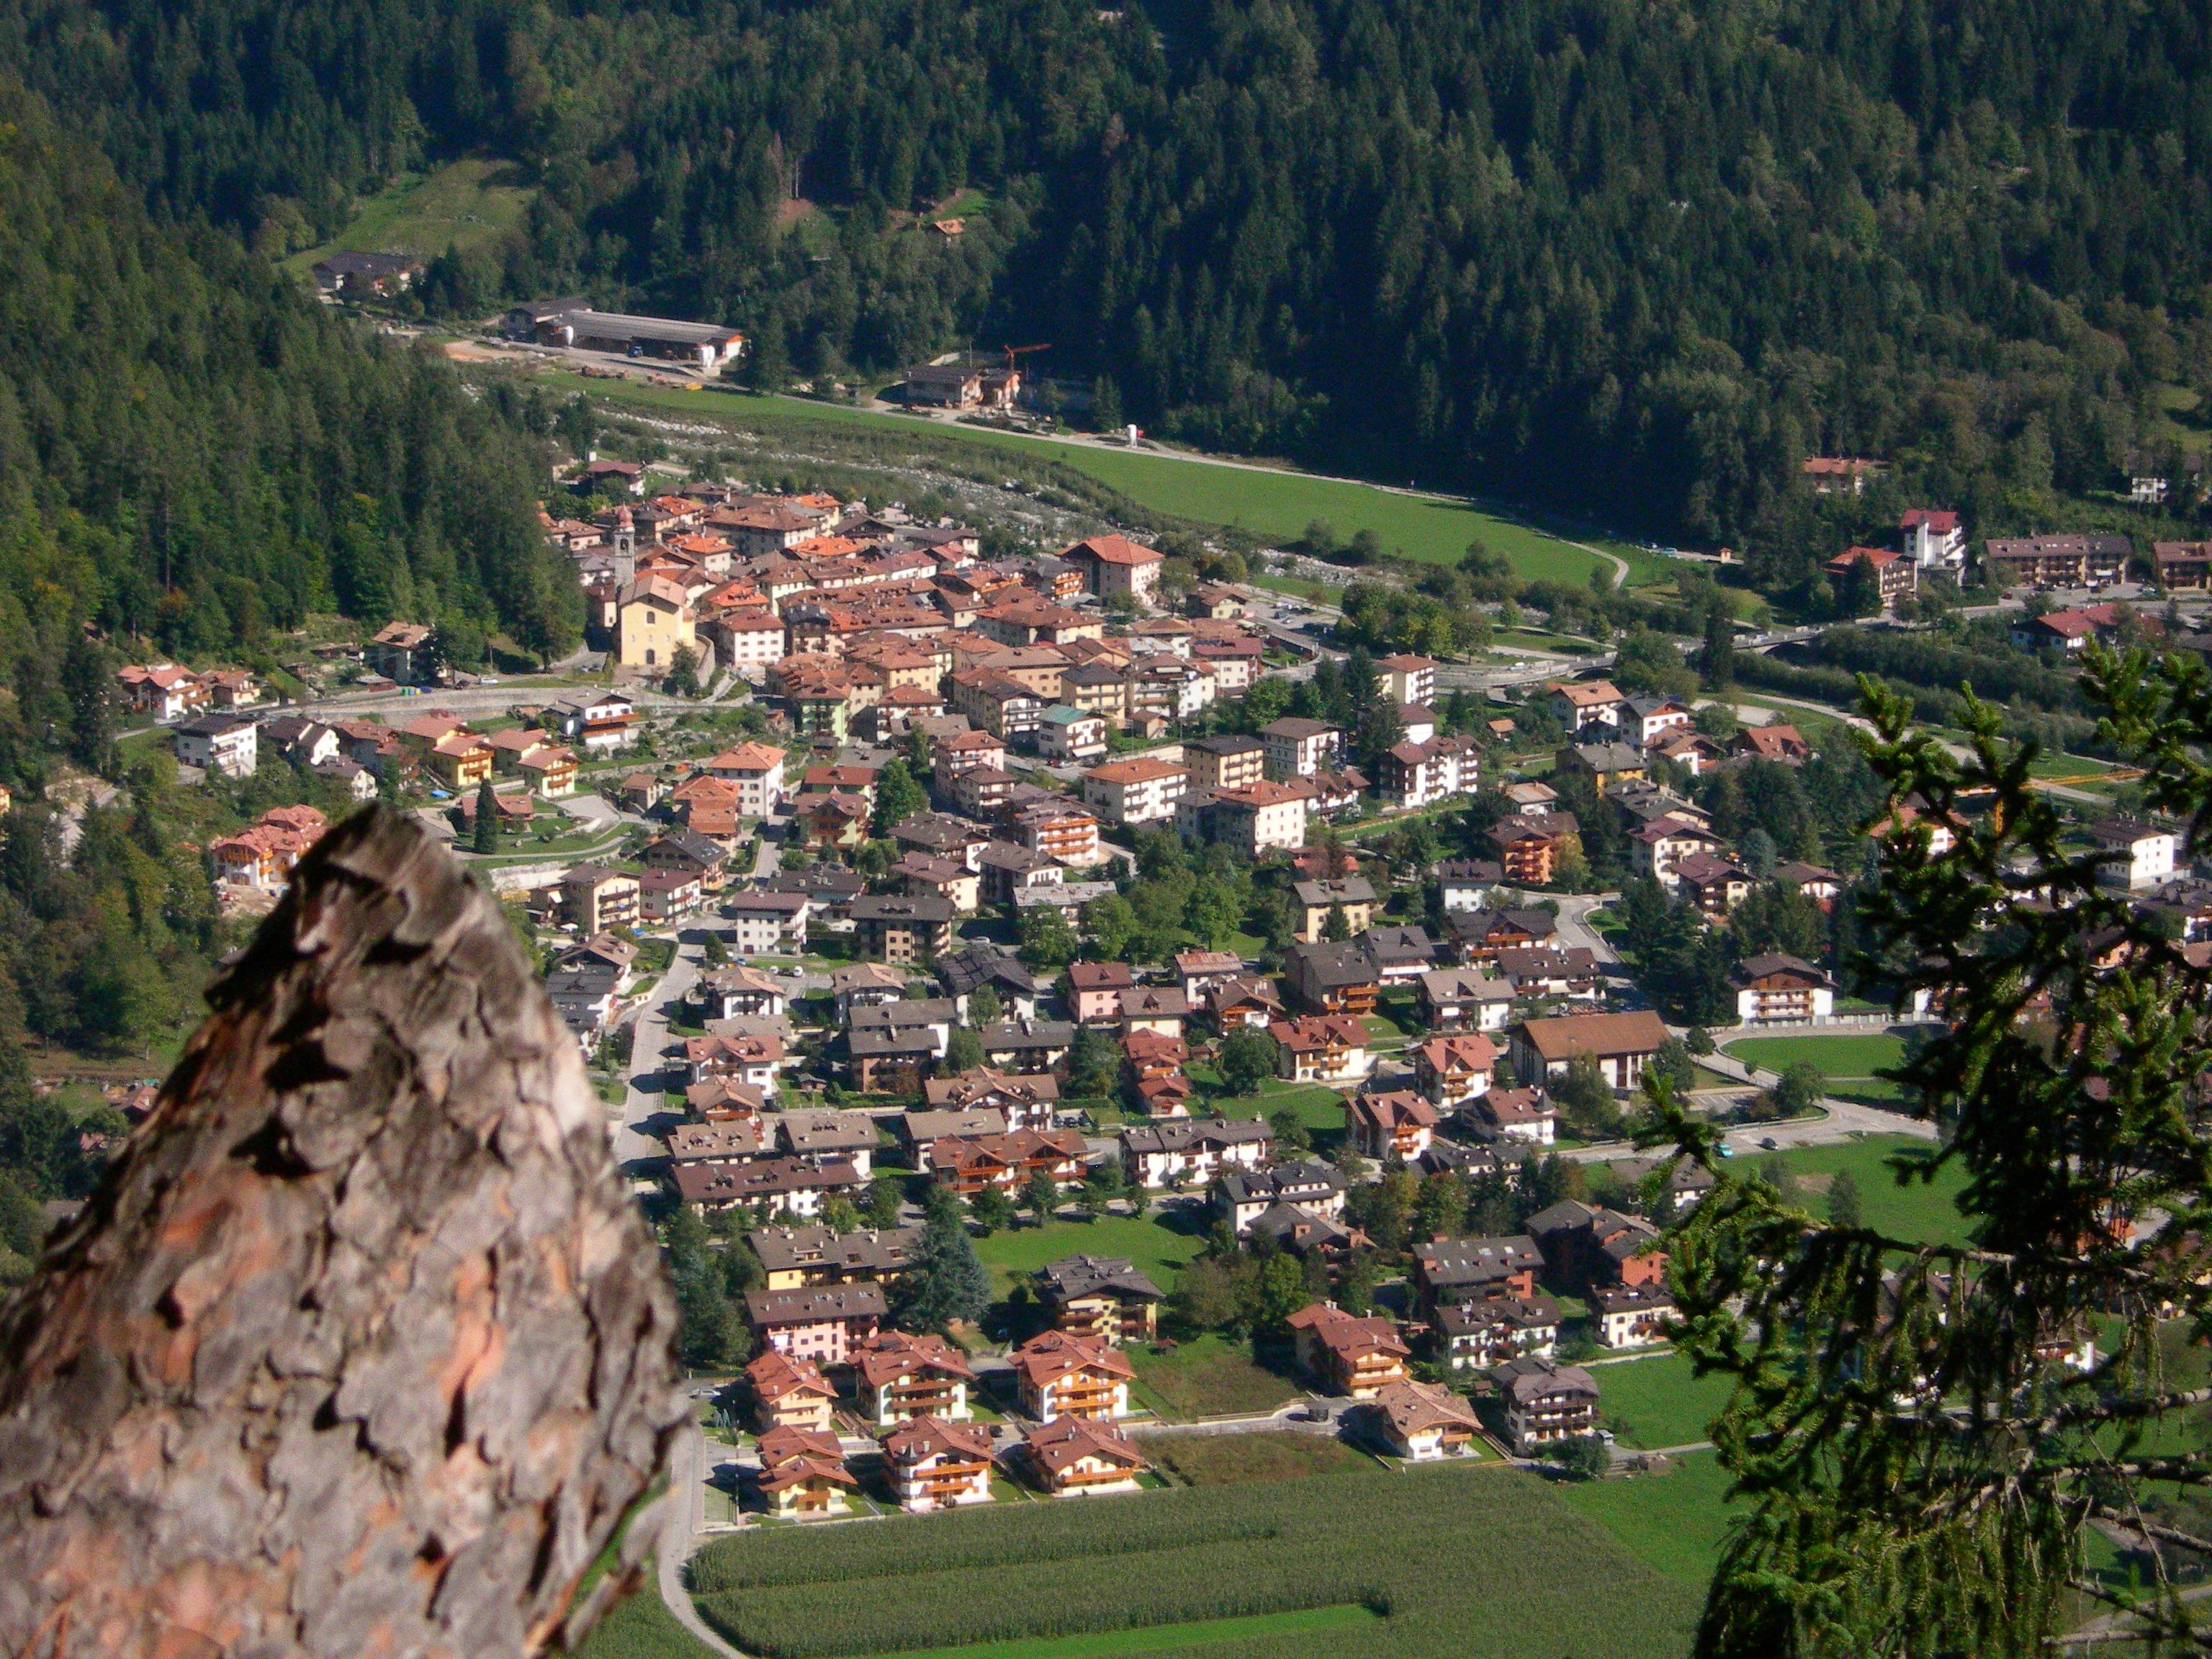 Carisolo Veduta del paese foto Mauro Binelli